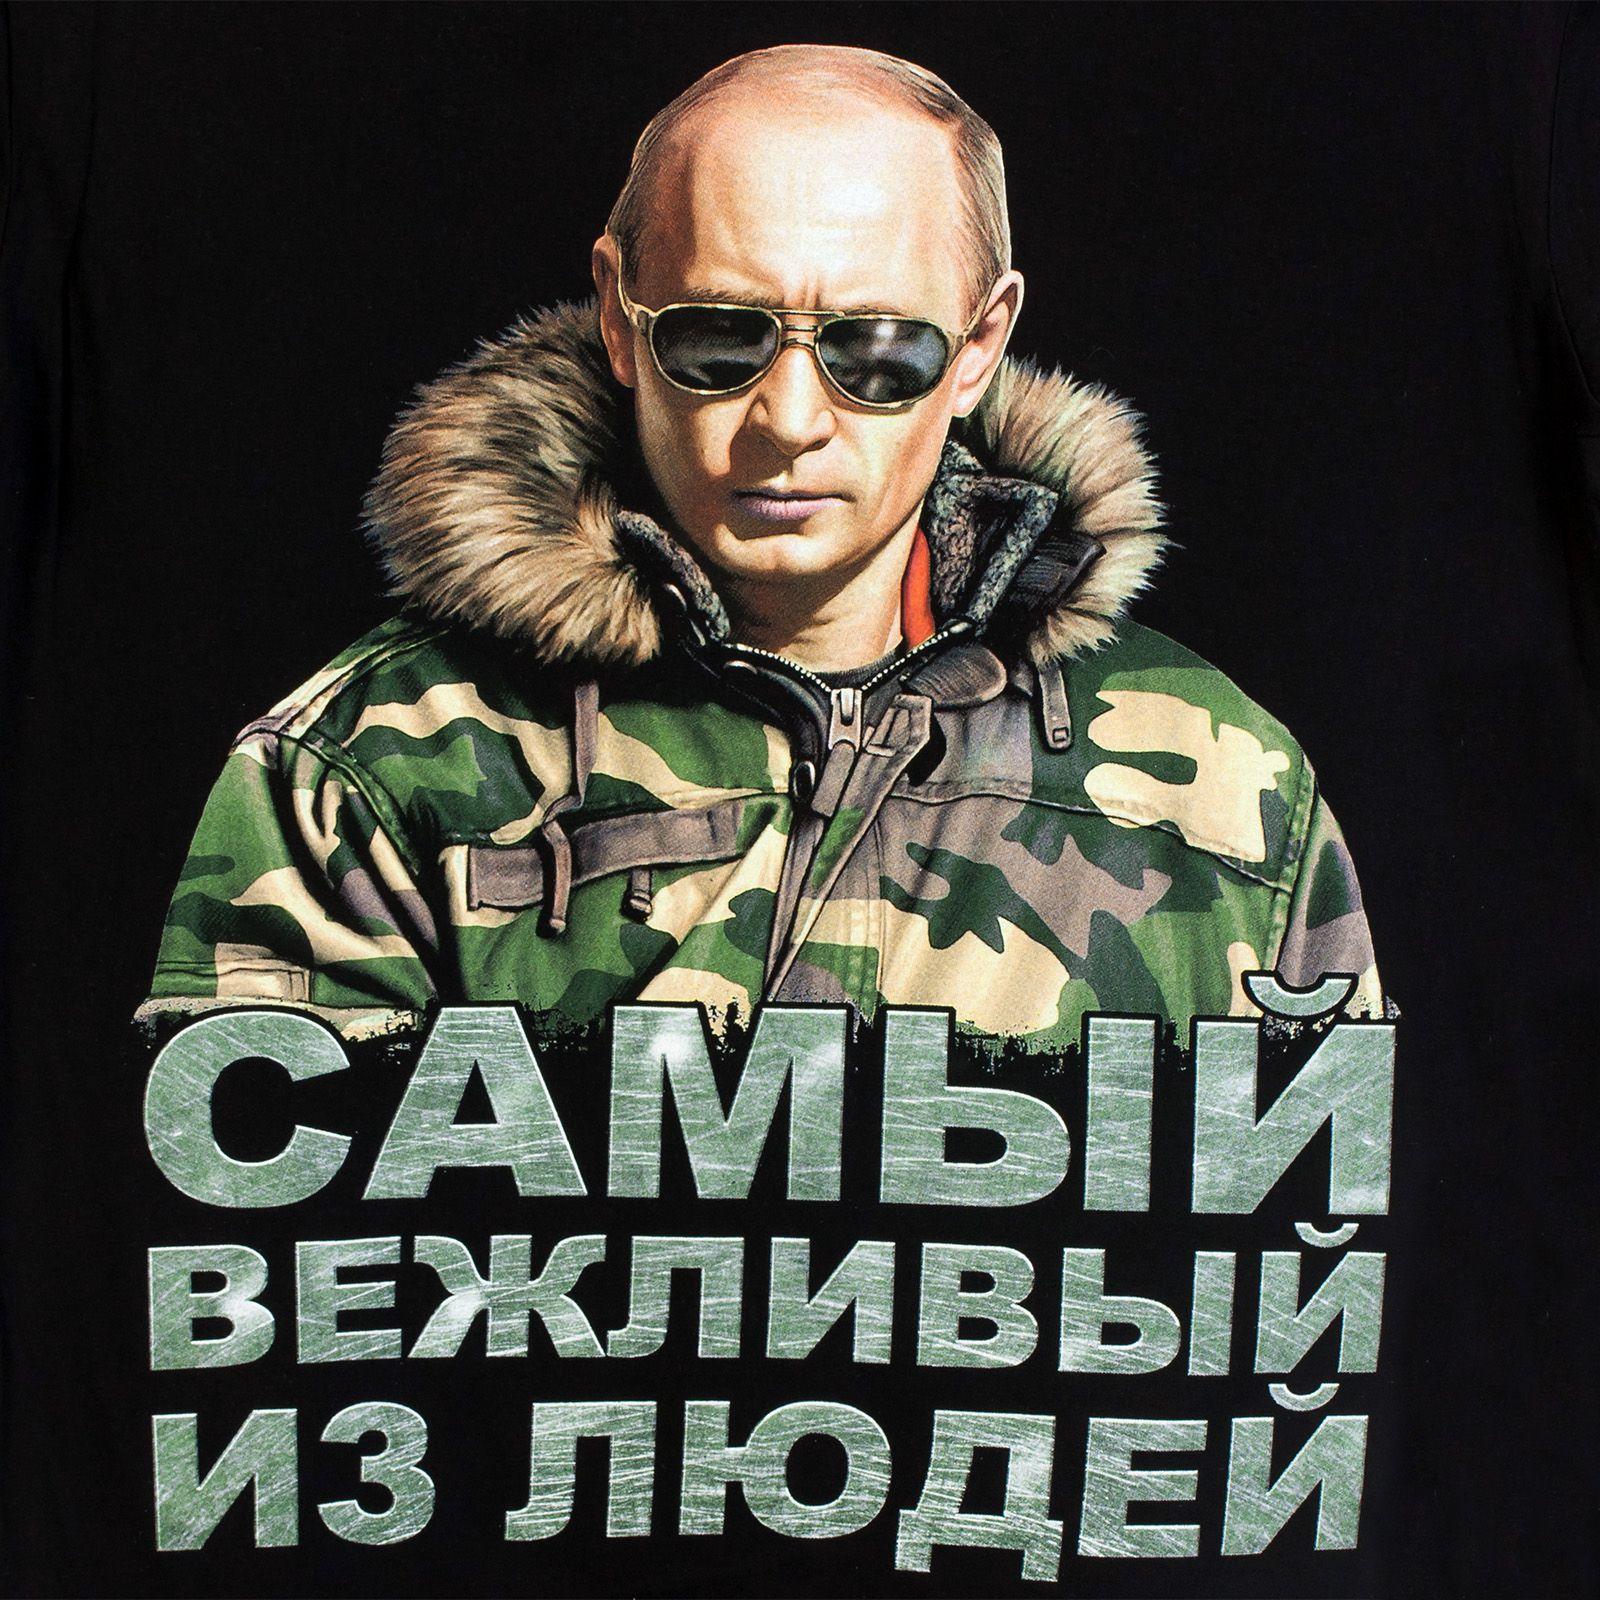 """Футболка """"Путин - самый вежливый человек"""" - оригинальный принт"""